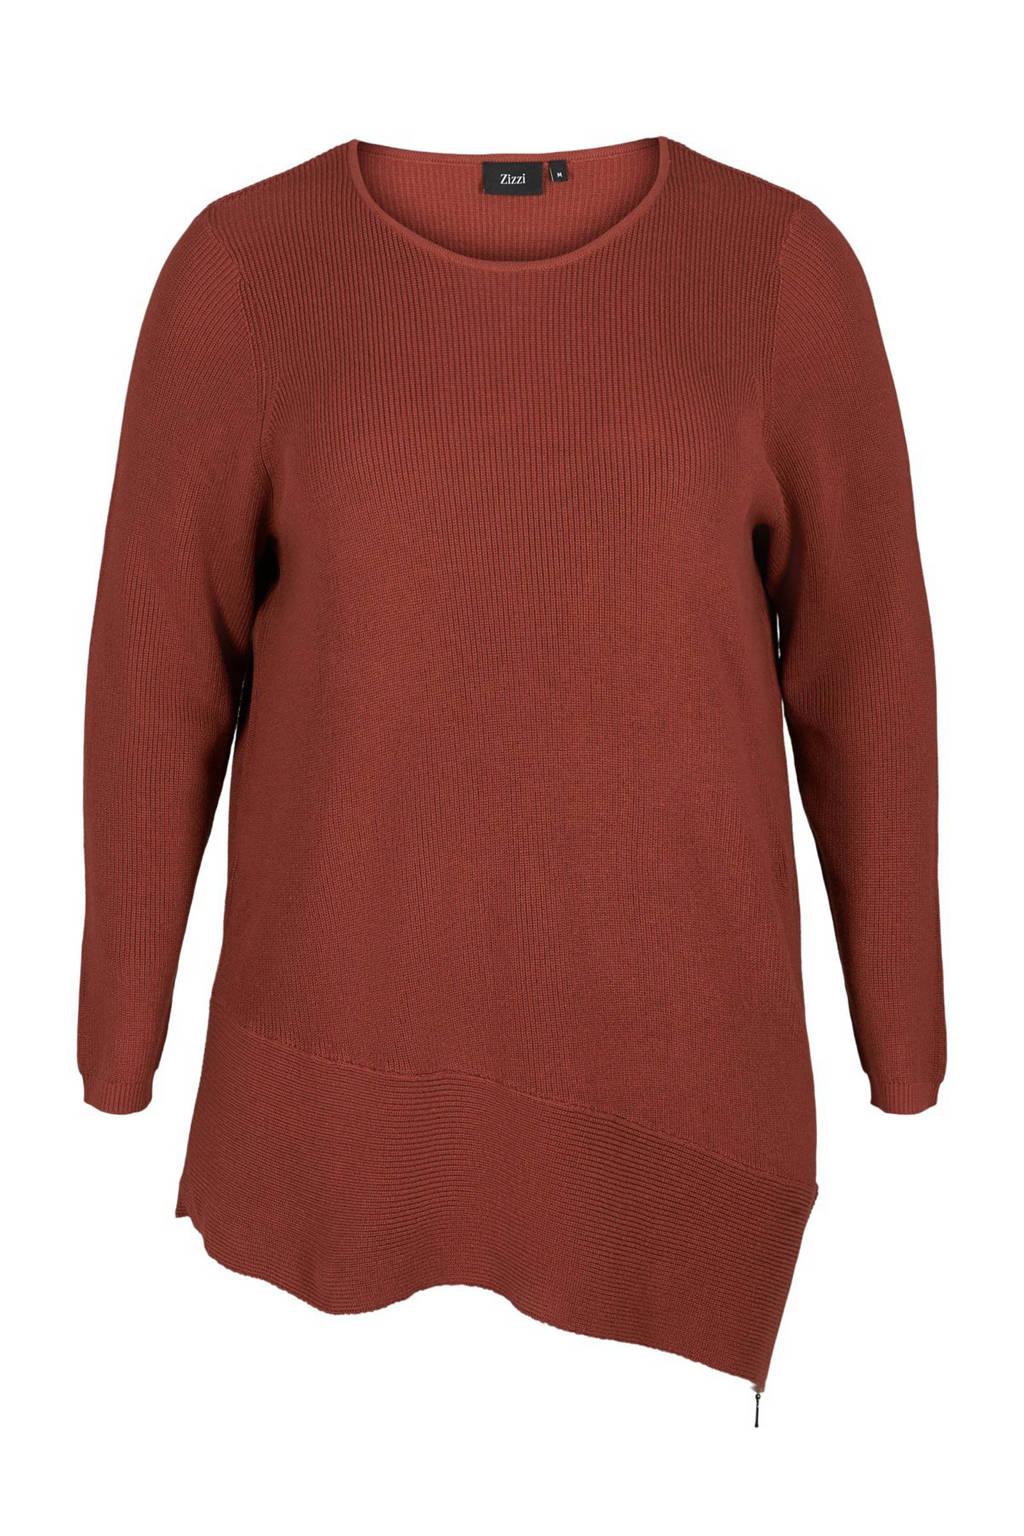 Zizzi gebreide trui Joanne roodbruin, Roodbruin